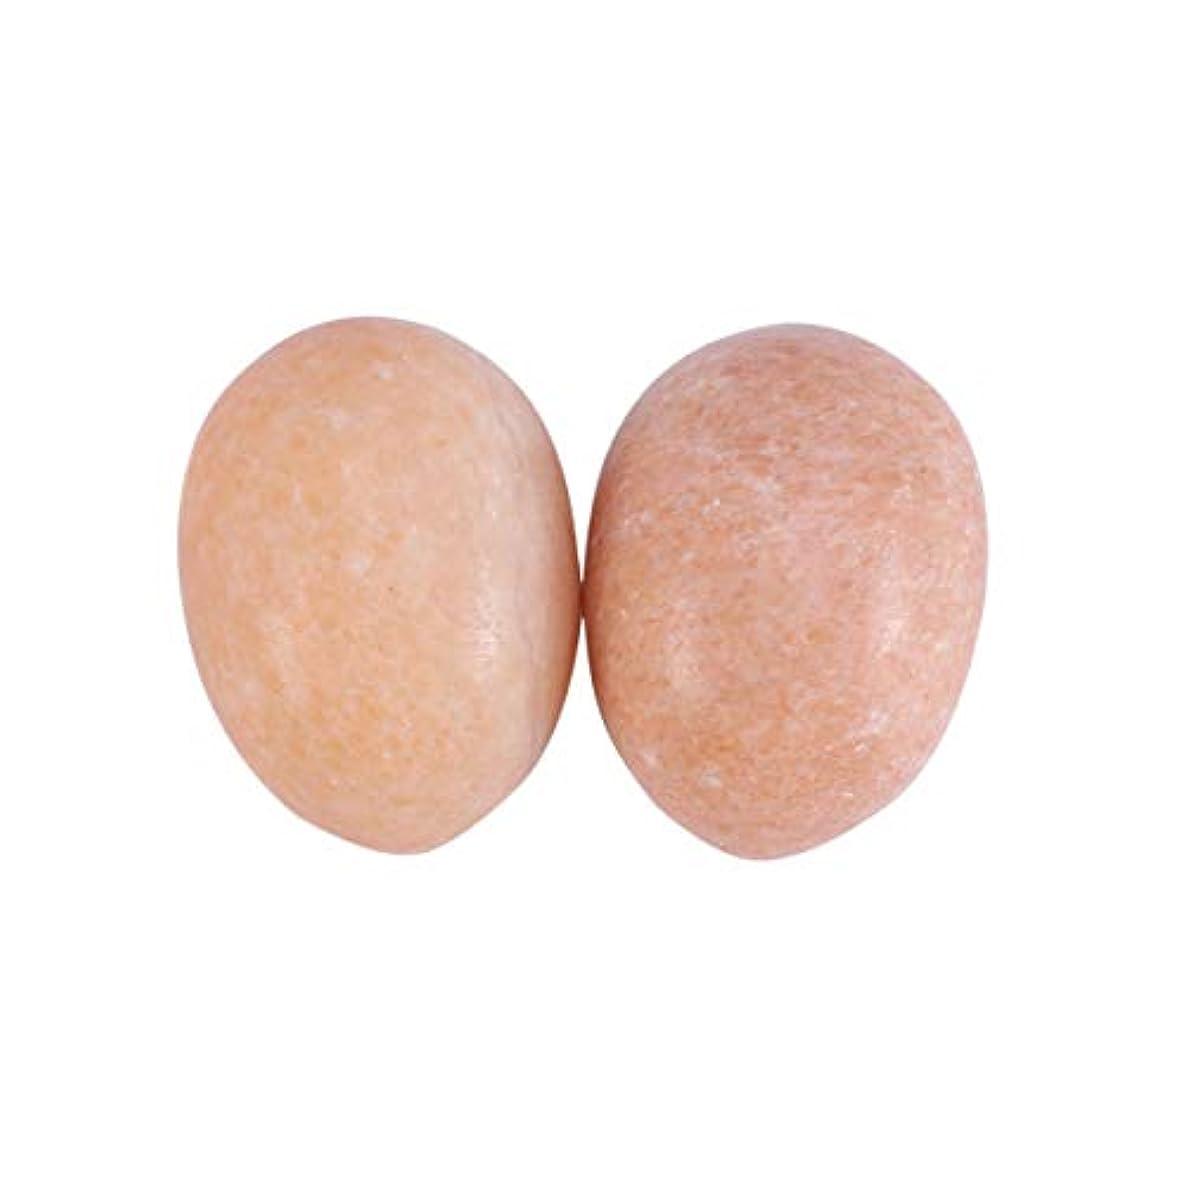 苦しむキラウエア山階Healifty 妊娠中の女性のためのマッサージボール6個玉ヨニ卵骨盤底筋マッサージ運動膣締め付けボールヘルスケア(サンセットレッド)